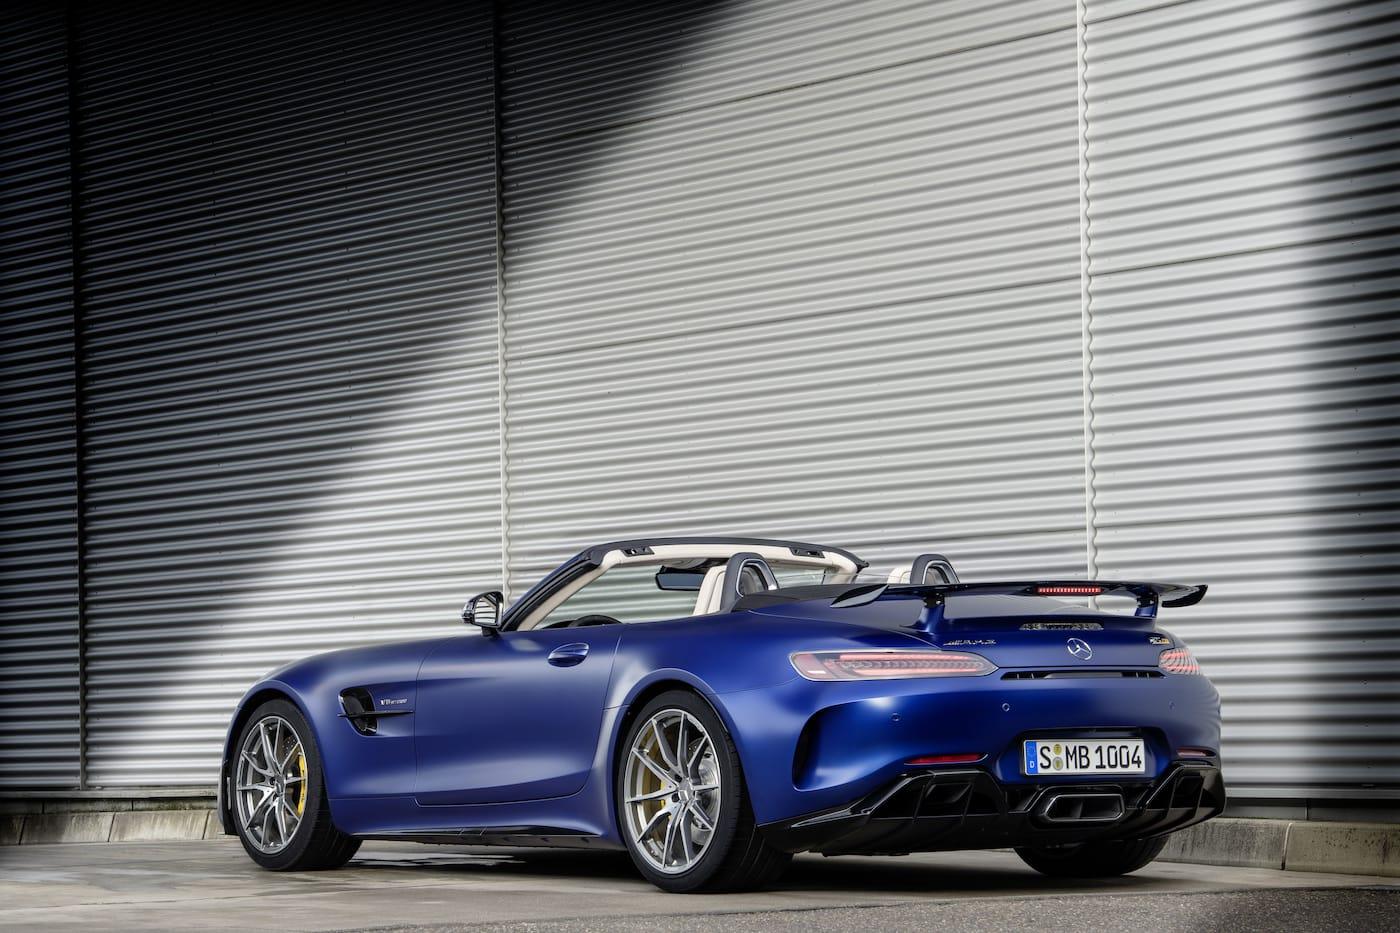 Schöner geht es nicht: Mercedes-Benz präsentiert den AMG GT R Roadster 5